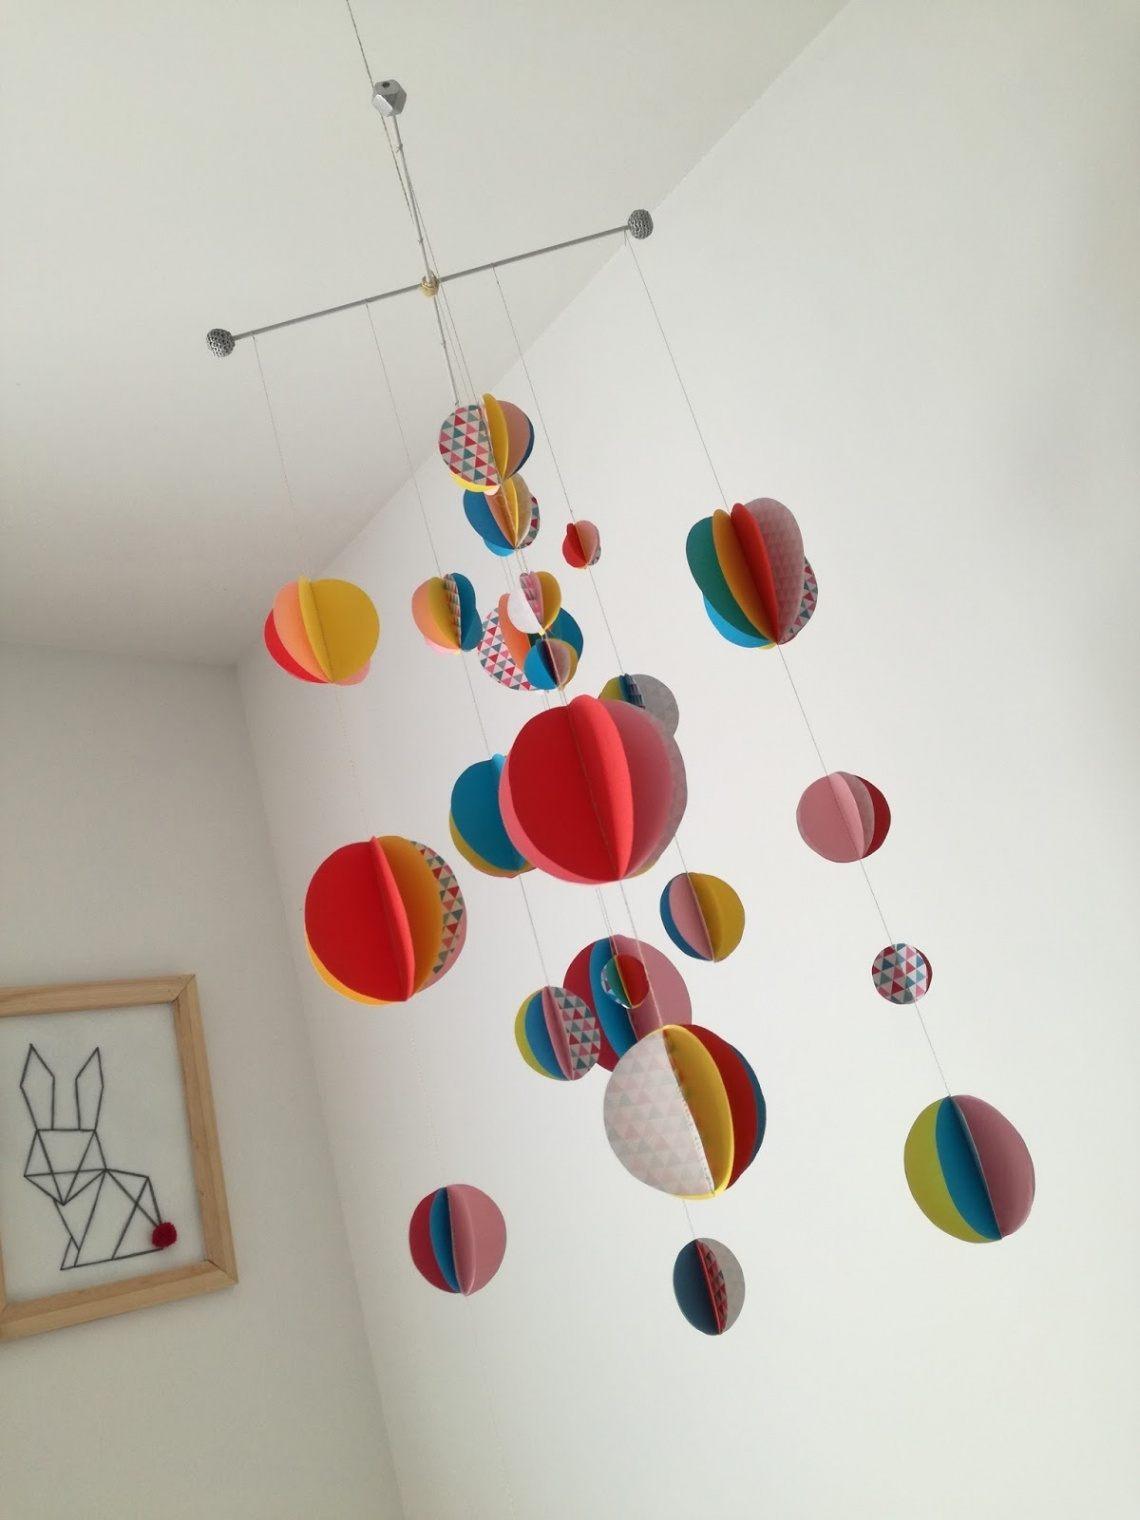 Lit Au sol Bébé Montessori Agréable Mobile Pour Bébé — Mikea Galerie